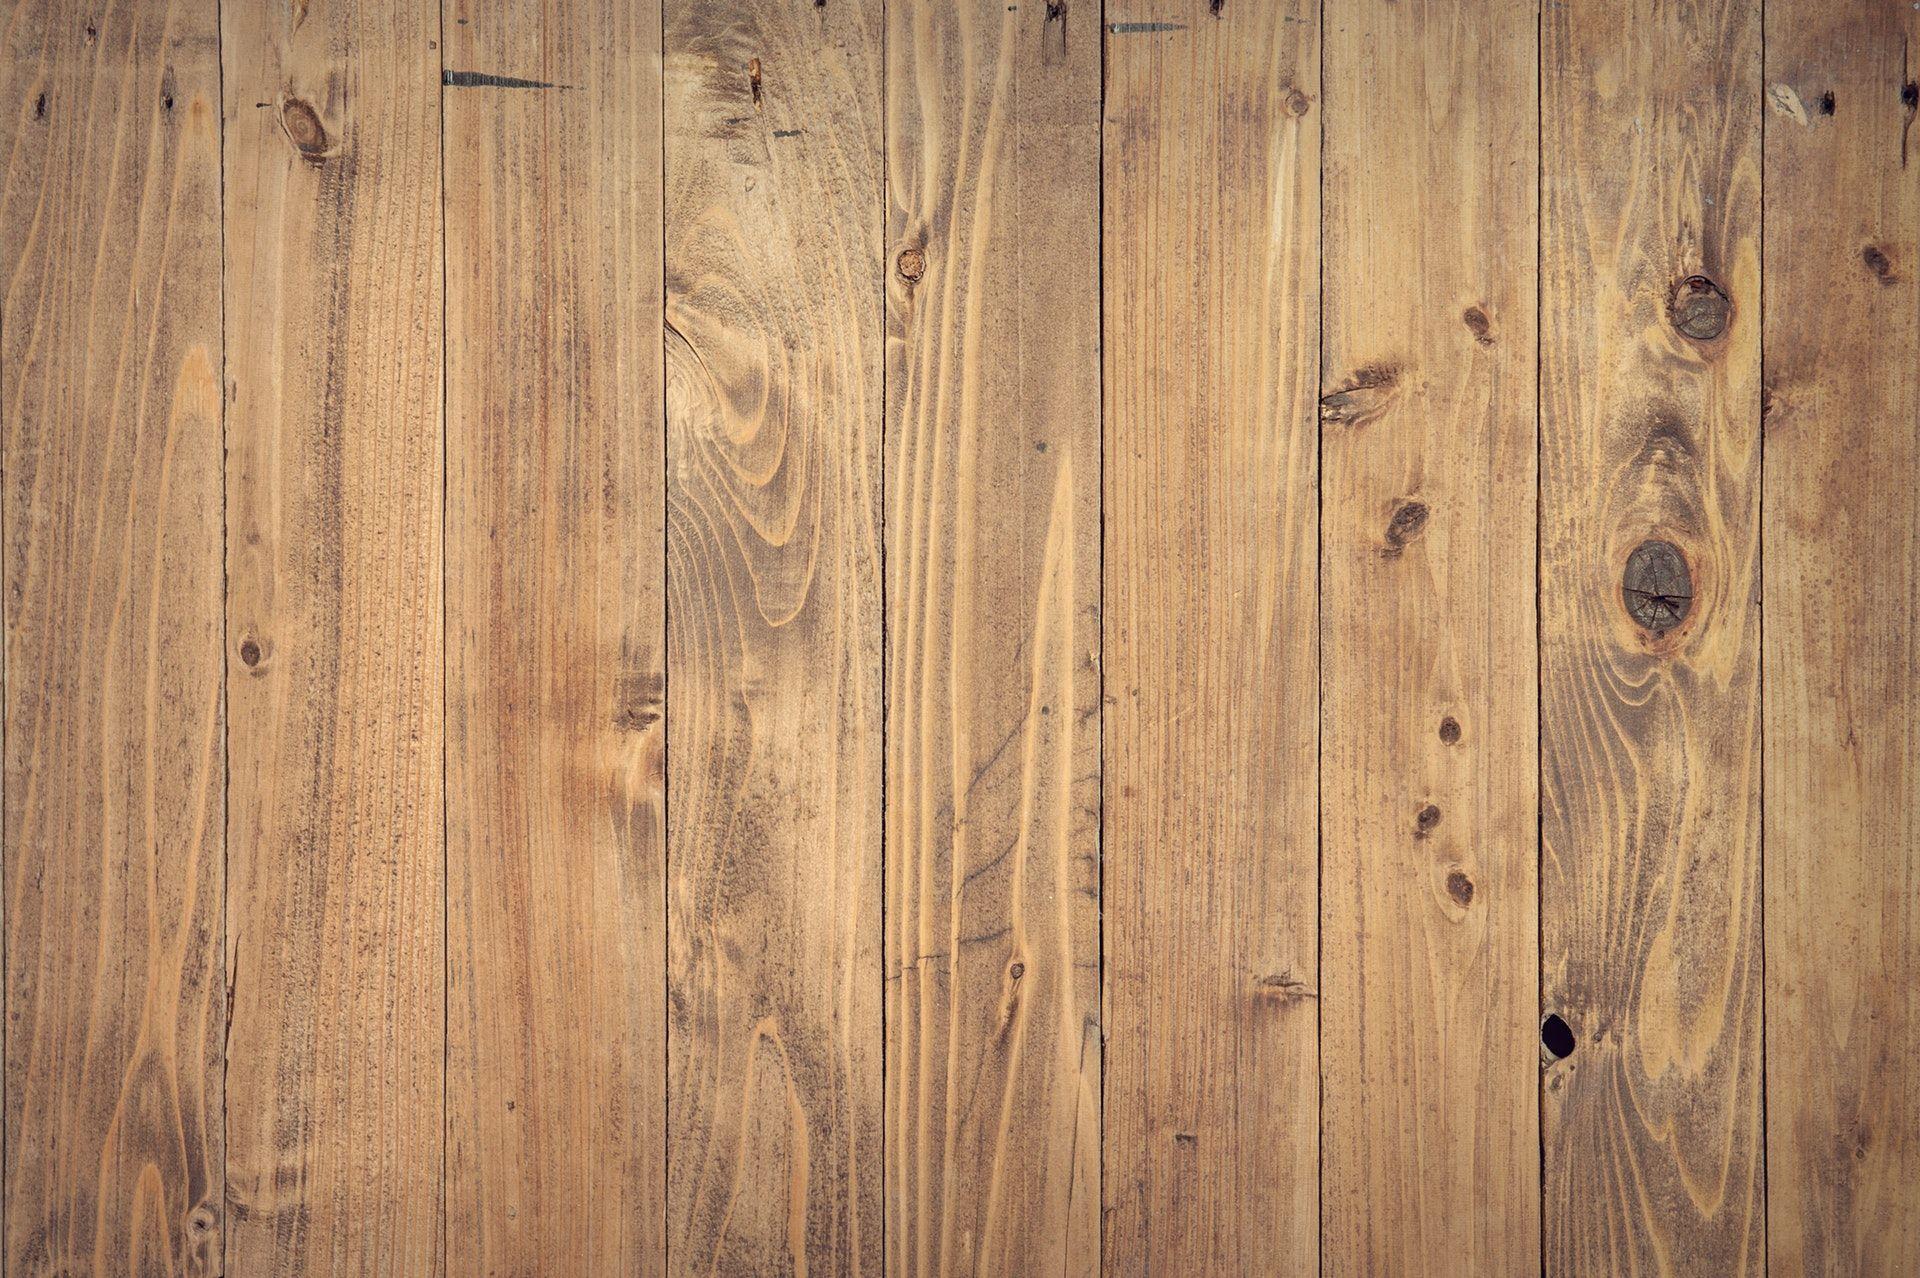 عکس زمینه تکسچر چوبی پس زمینه